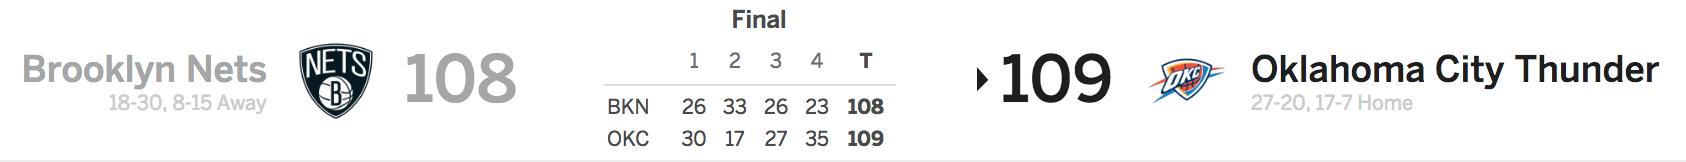 Brooklyn Nets at Oklahoma City Thunder 1-23-18 Score